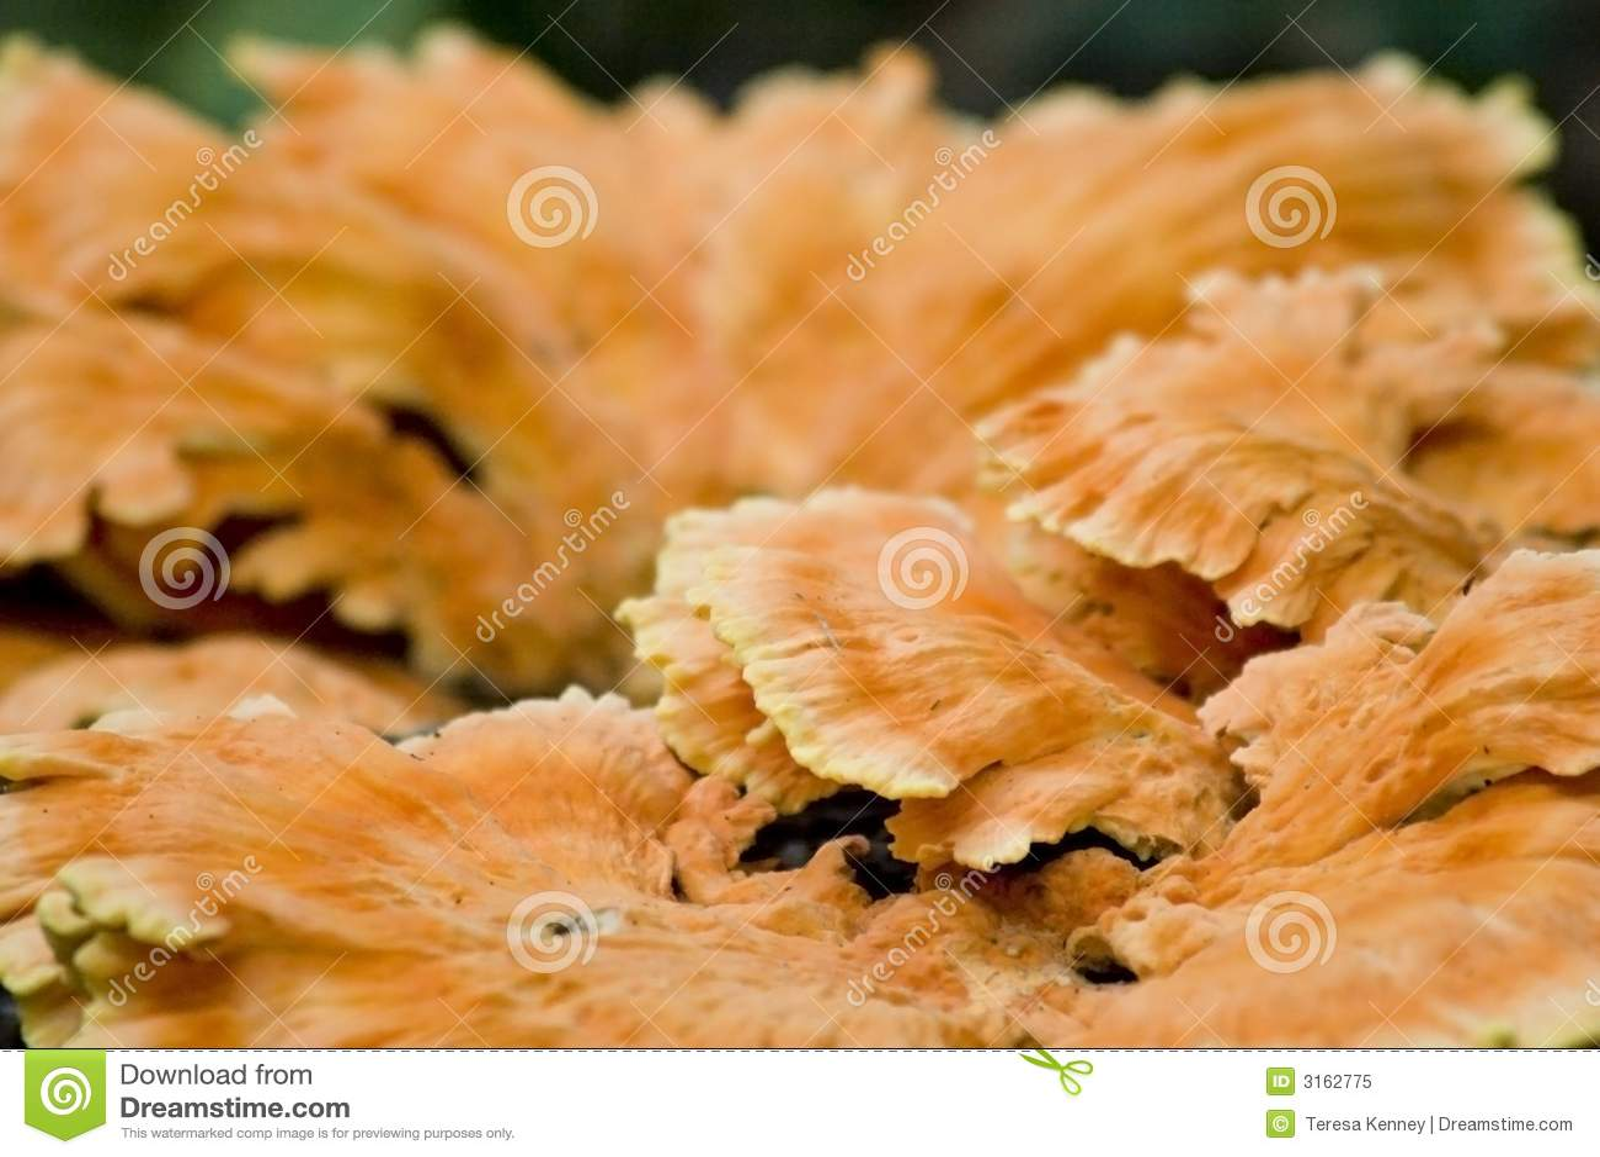 Fungus orange